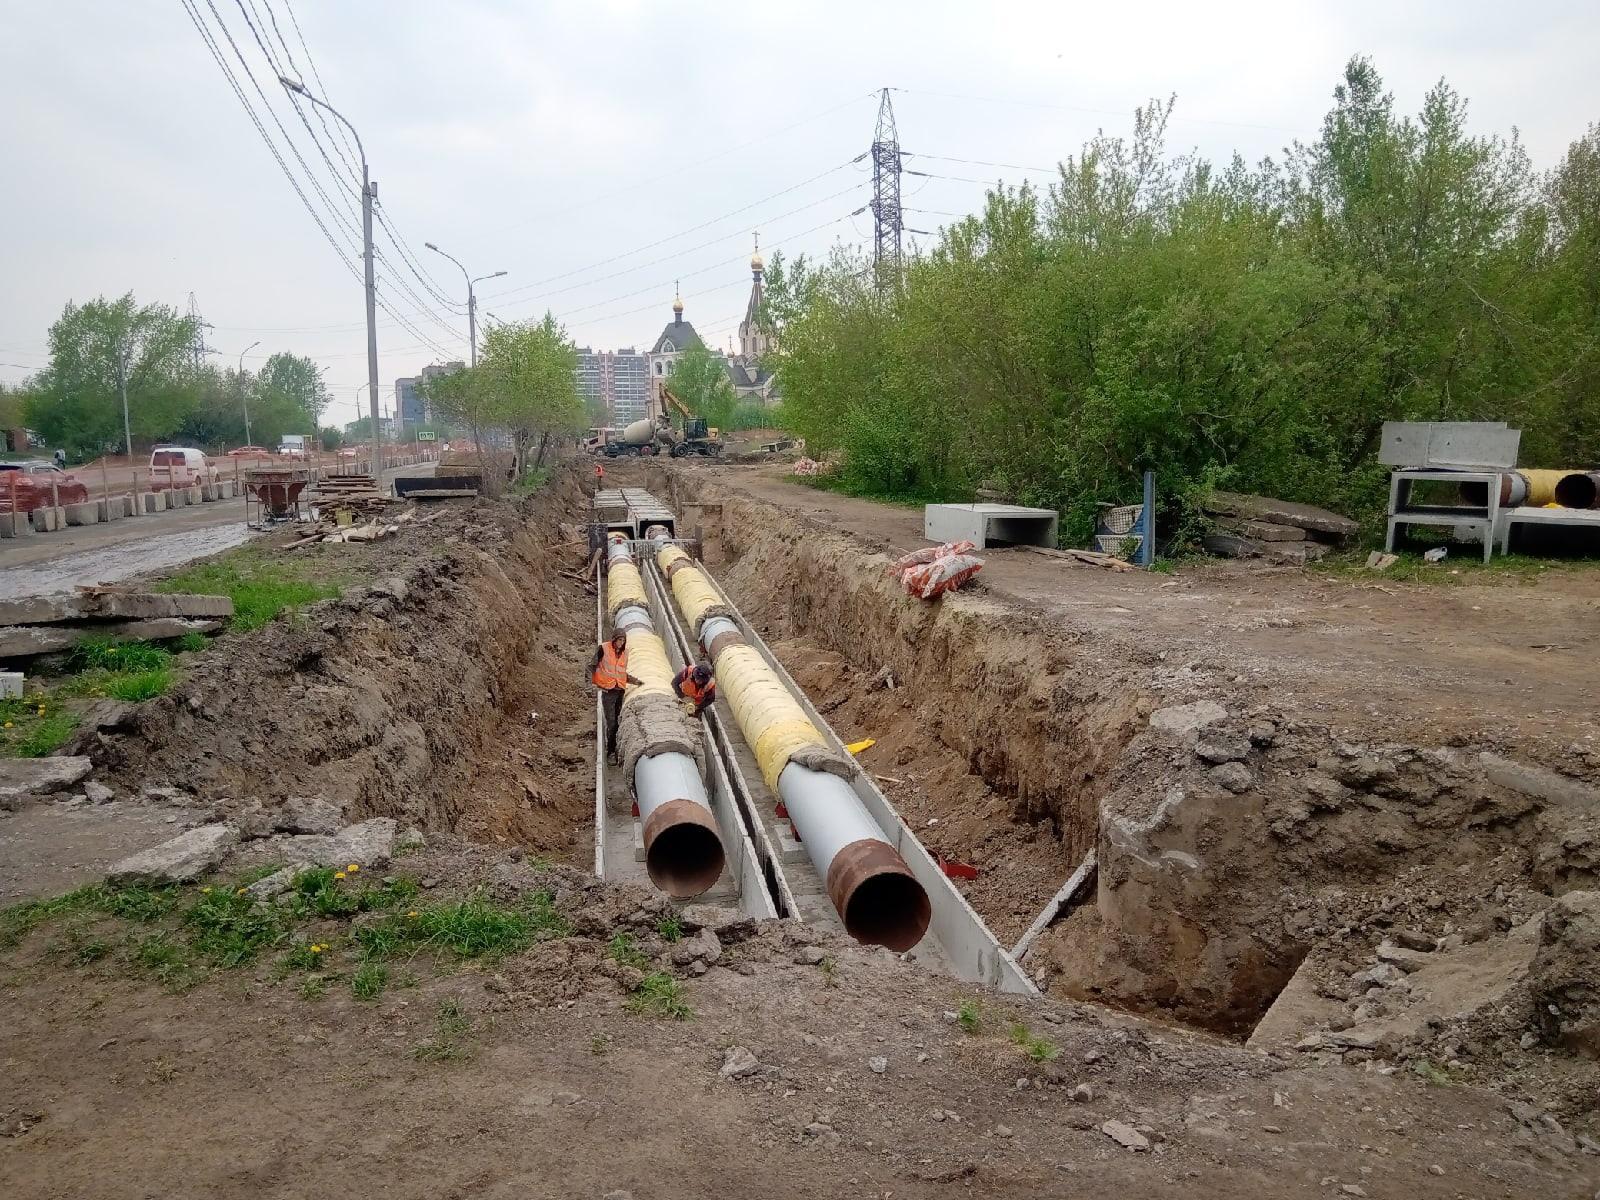 Фото СГК отключит горячую воду в 596 домах 16 августа в Новосибирске 2